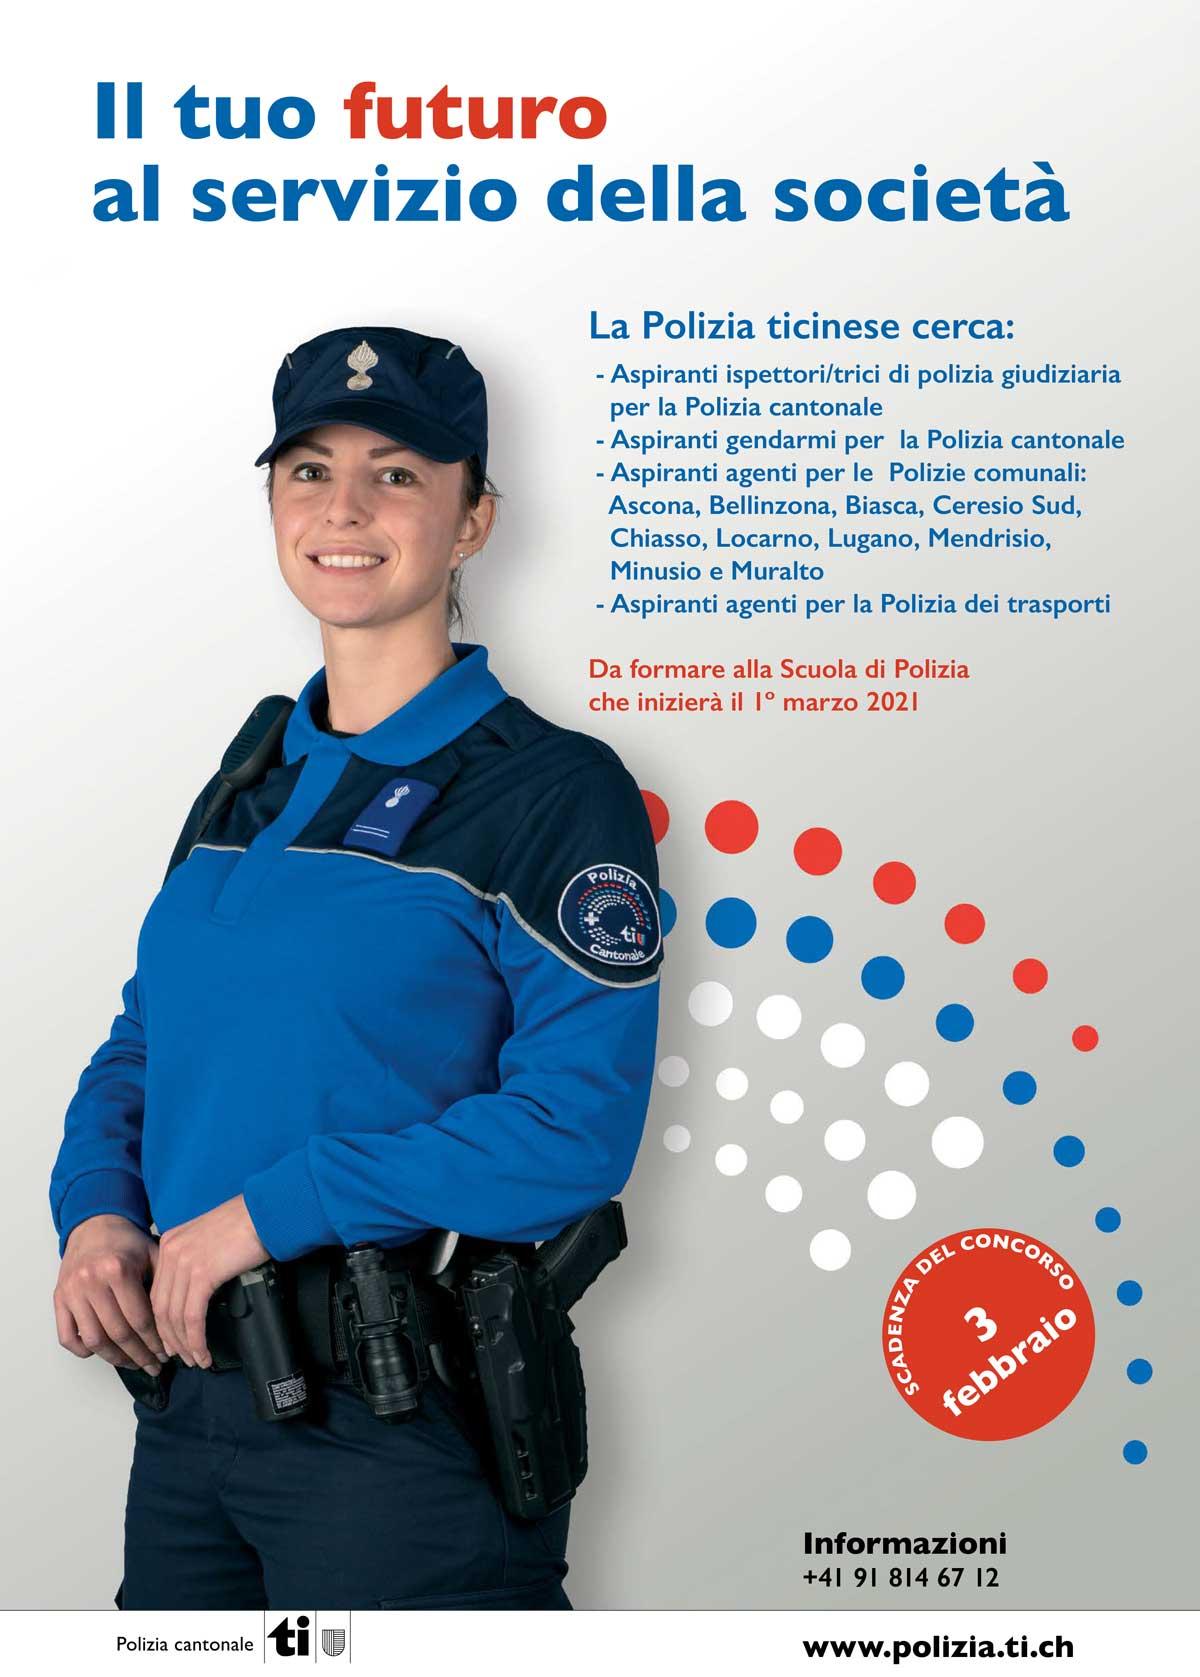 scuola di polizia in canton ticino